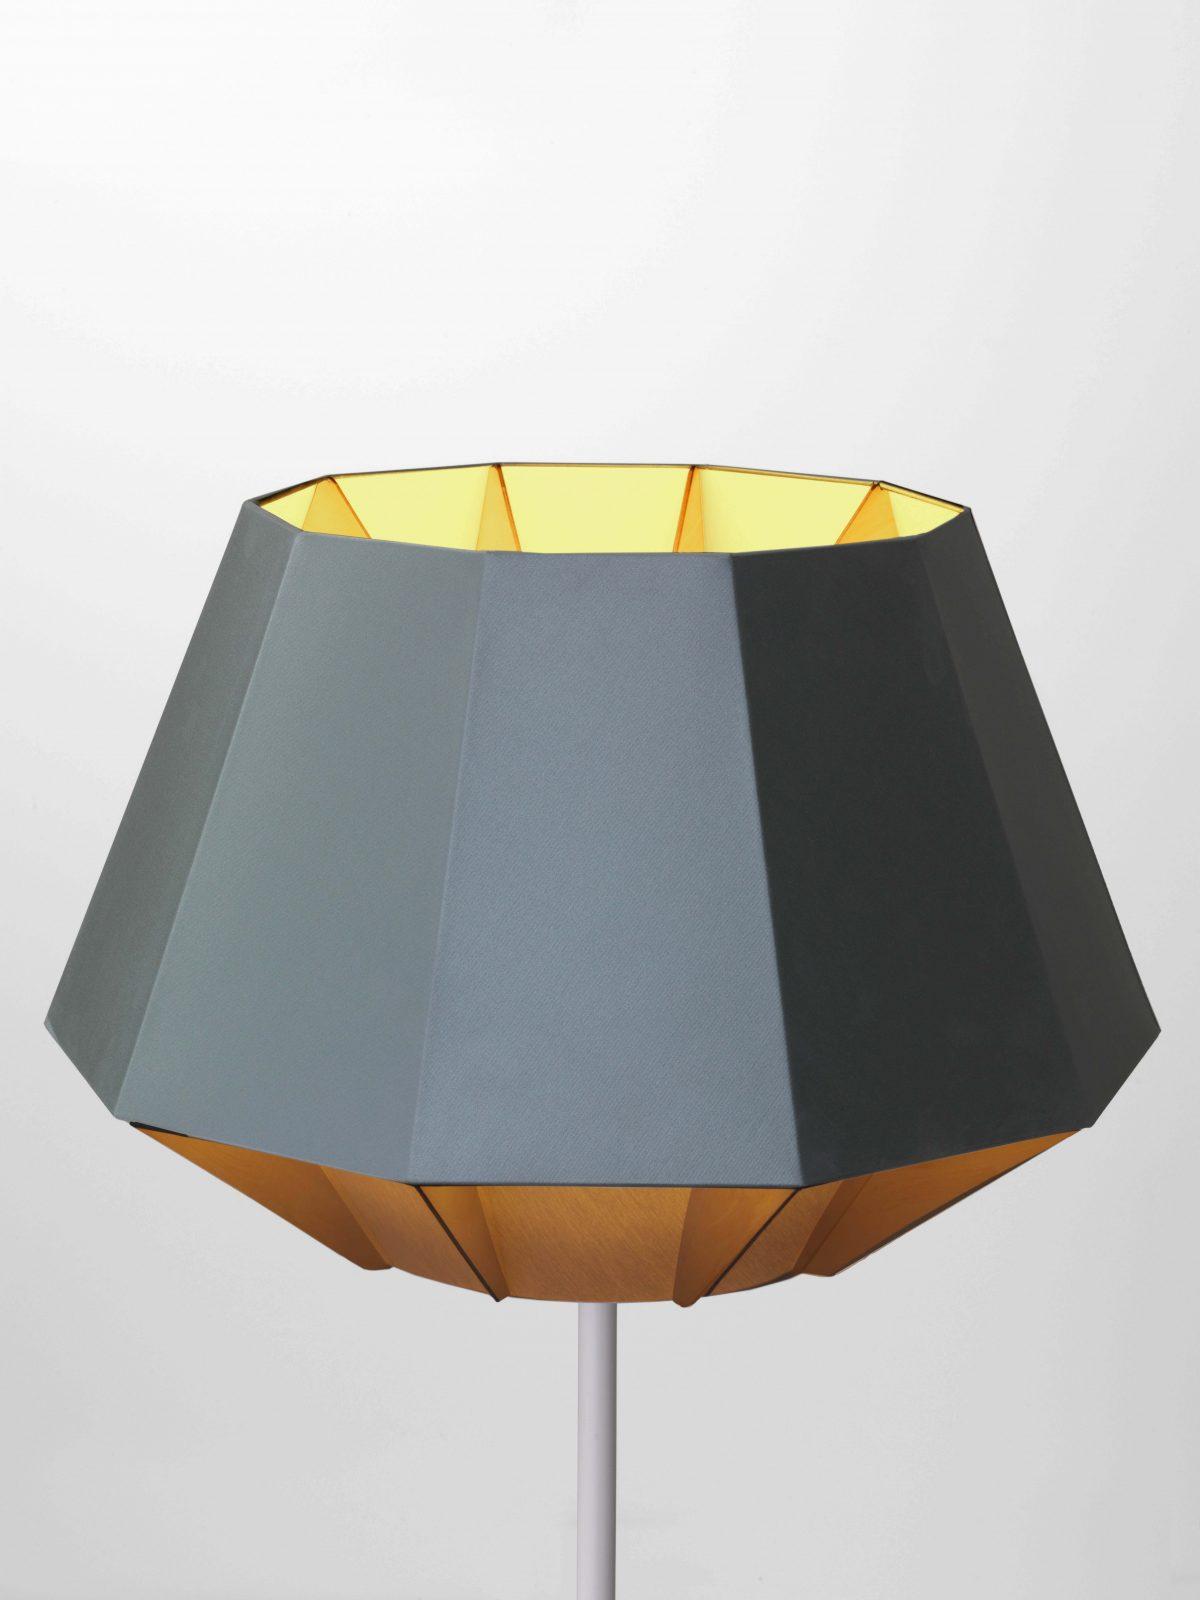 Polar lamp floorlamp New Duivendrecht ontwerper Dave Keune